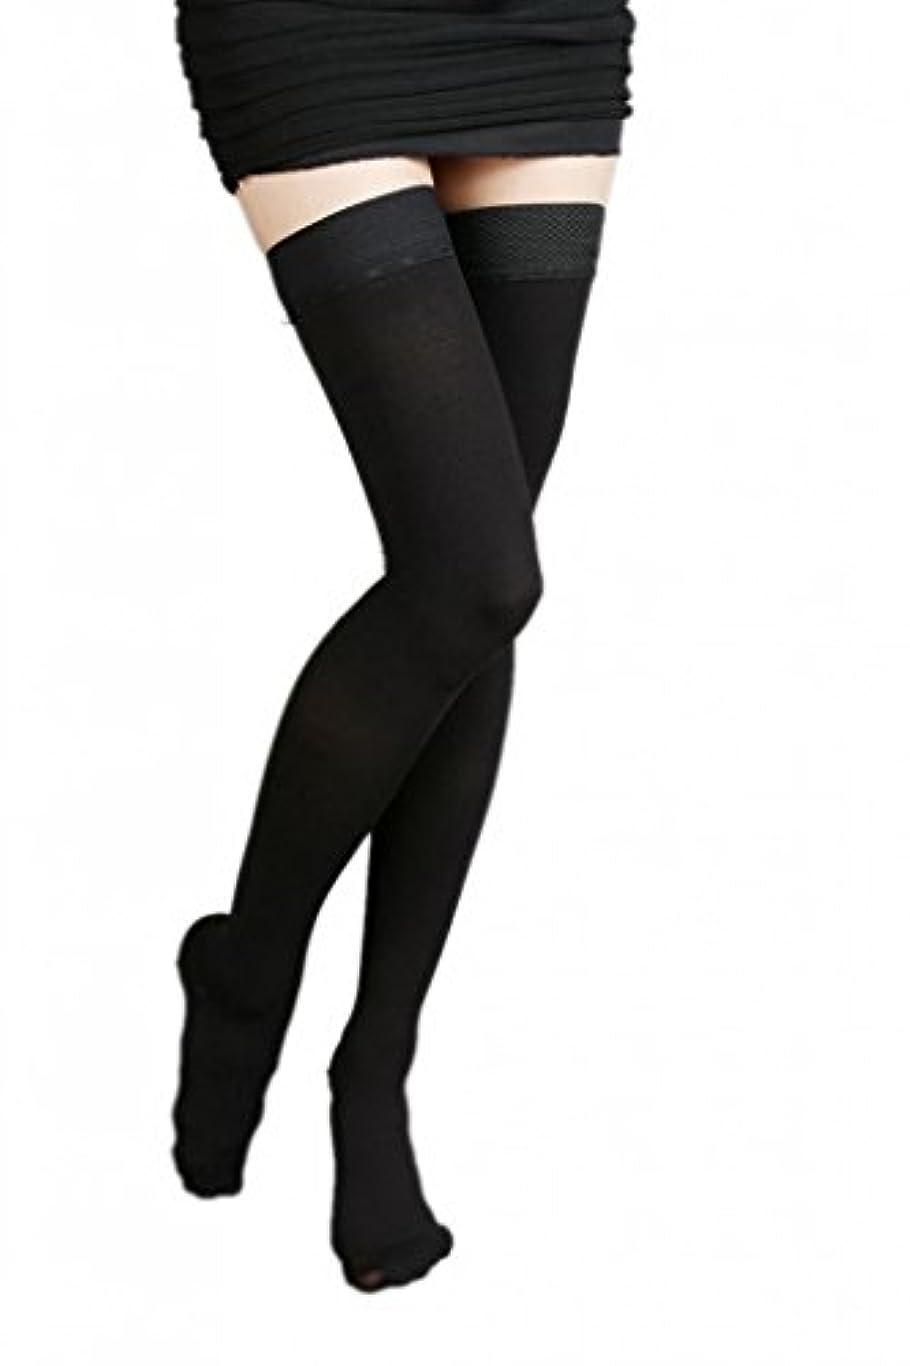 薬無実喉頭(ラボーグ)La Vogue 美脚 着圧オーバーニーソックス ハイソックス 靴下 弾性ストッキング つま先あり着圧ソックス M 1級低圧 黒色